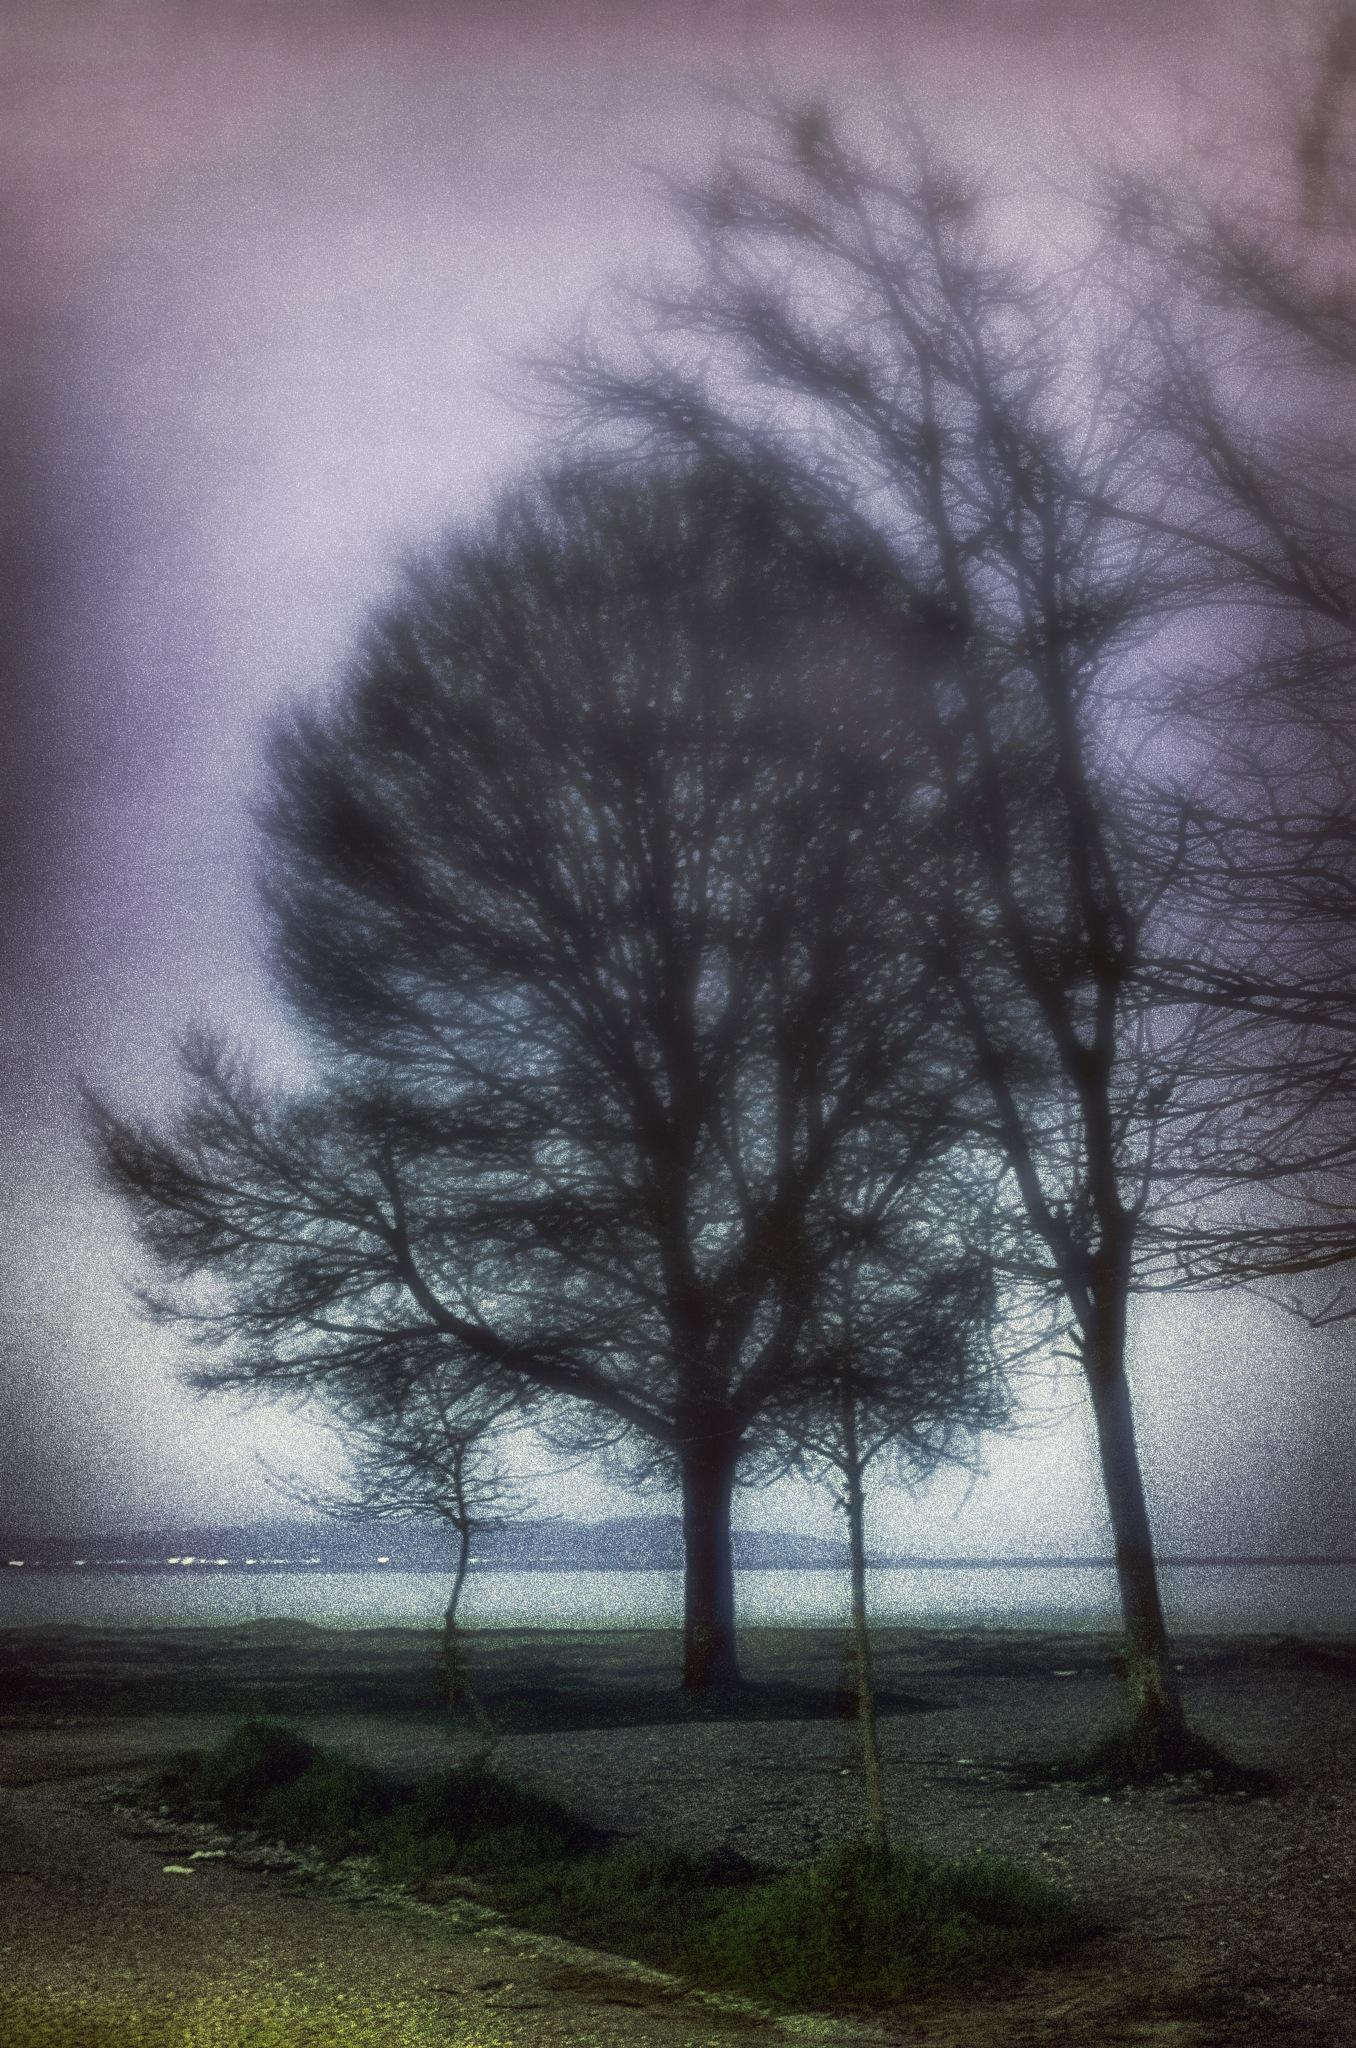 Tree in the mist by Stathis Karatzas